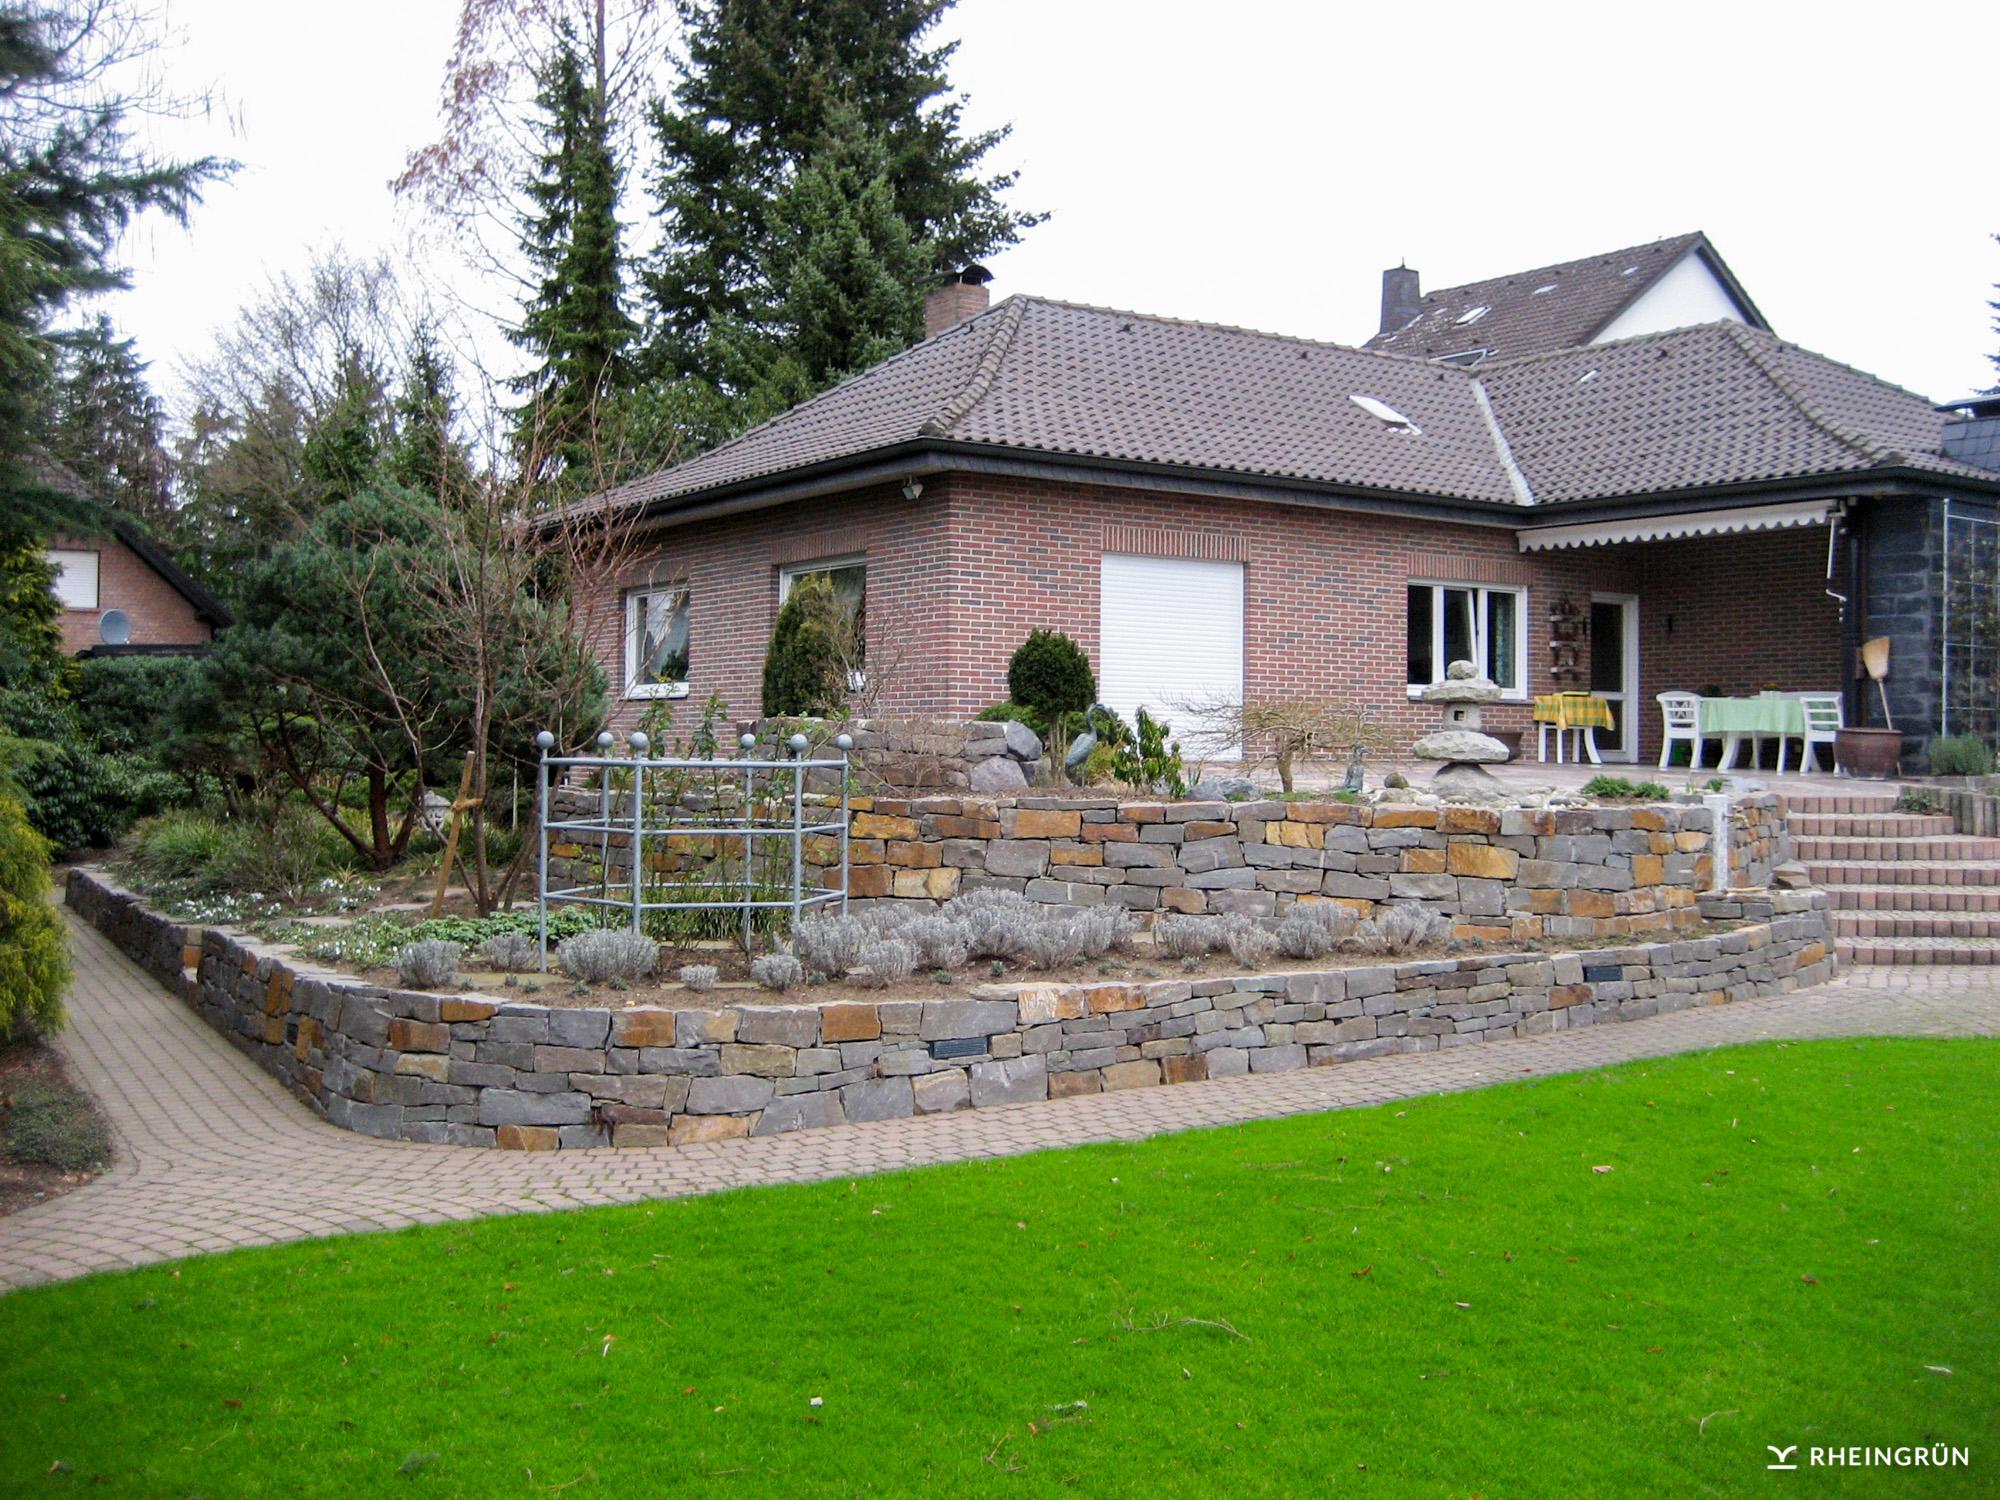 Origineller Garten mit Mosaik aus Naturstein und asiatischen Elementen